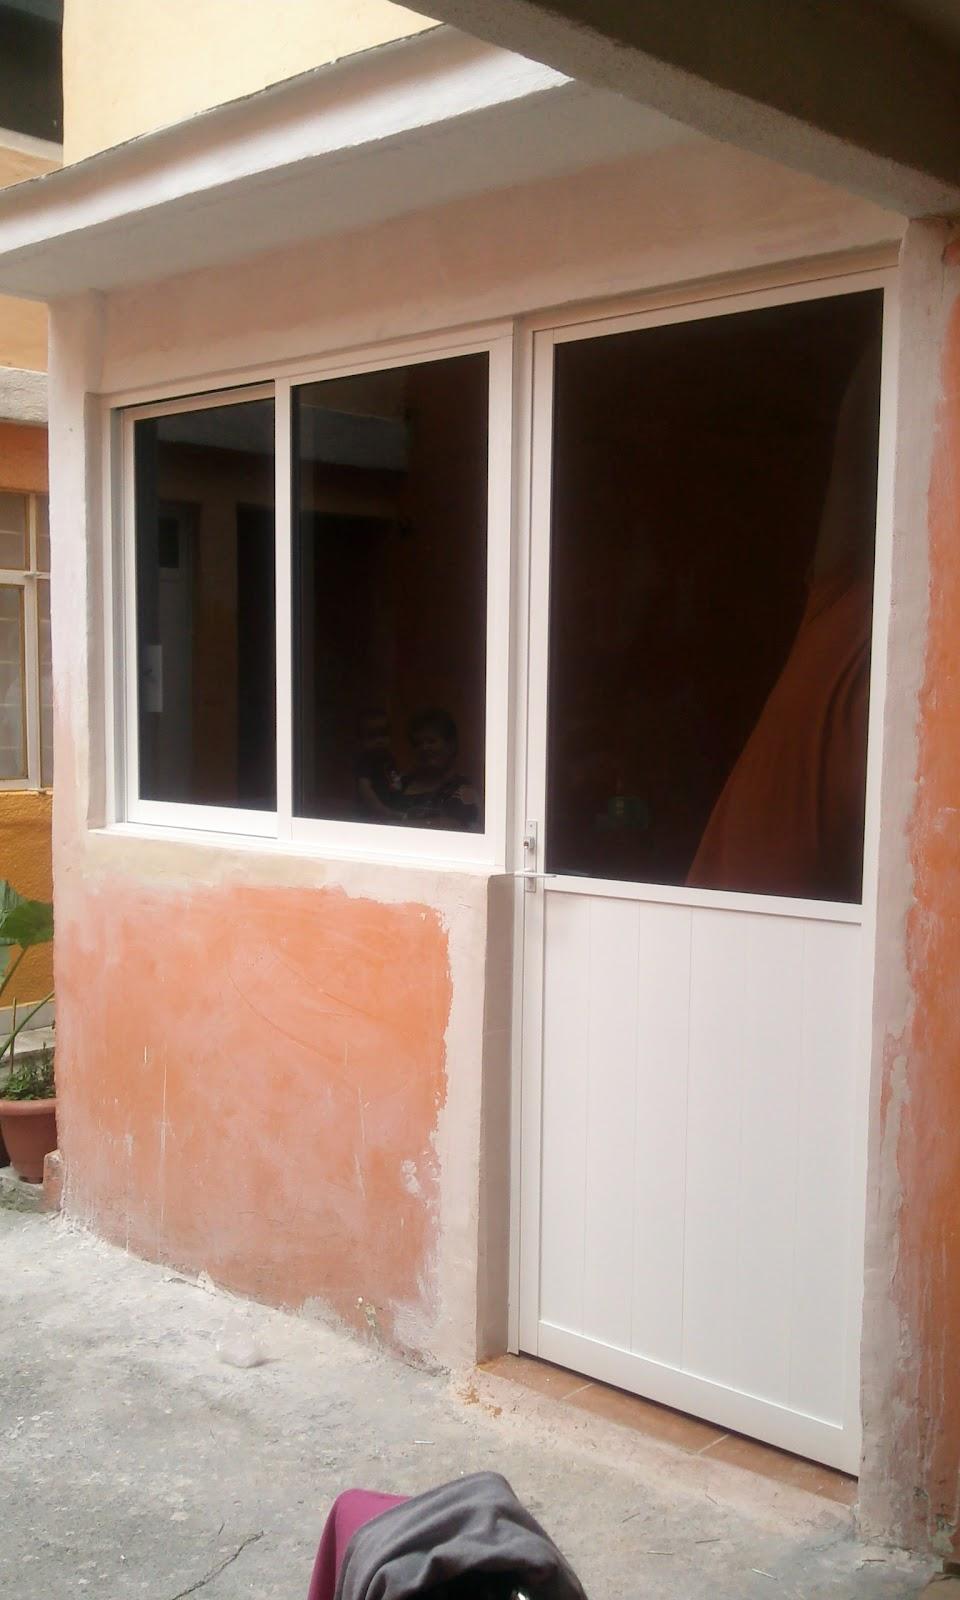 Puertas De Aluminio Blanco Para Baño:puerta bandera de aluminio blanco con cristal filtrasol mitad duela